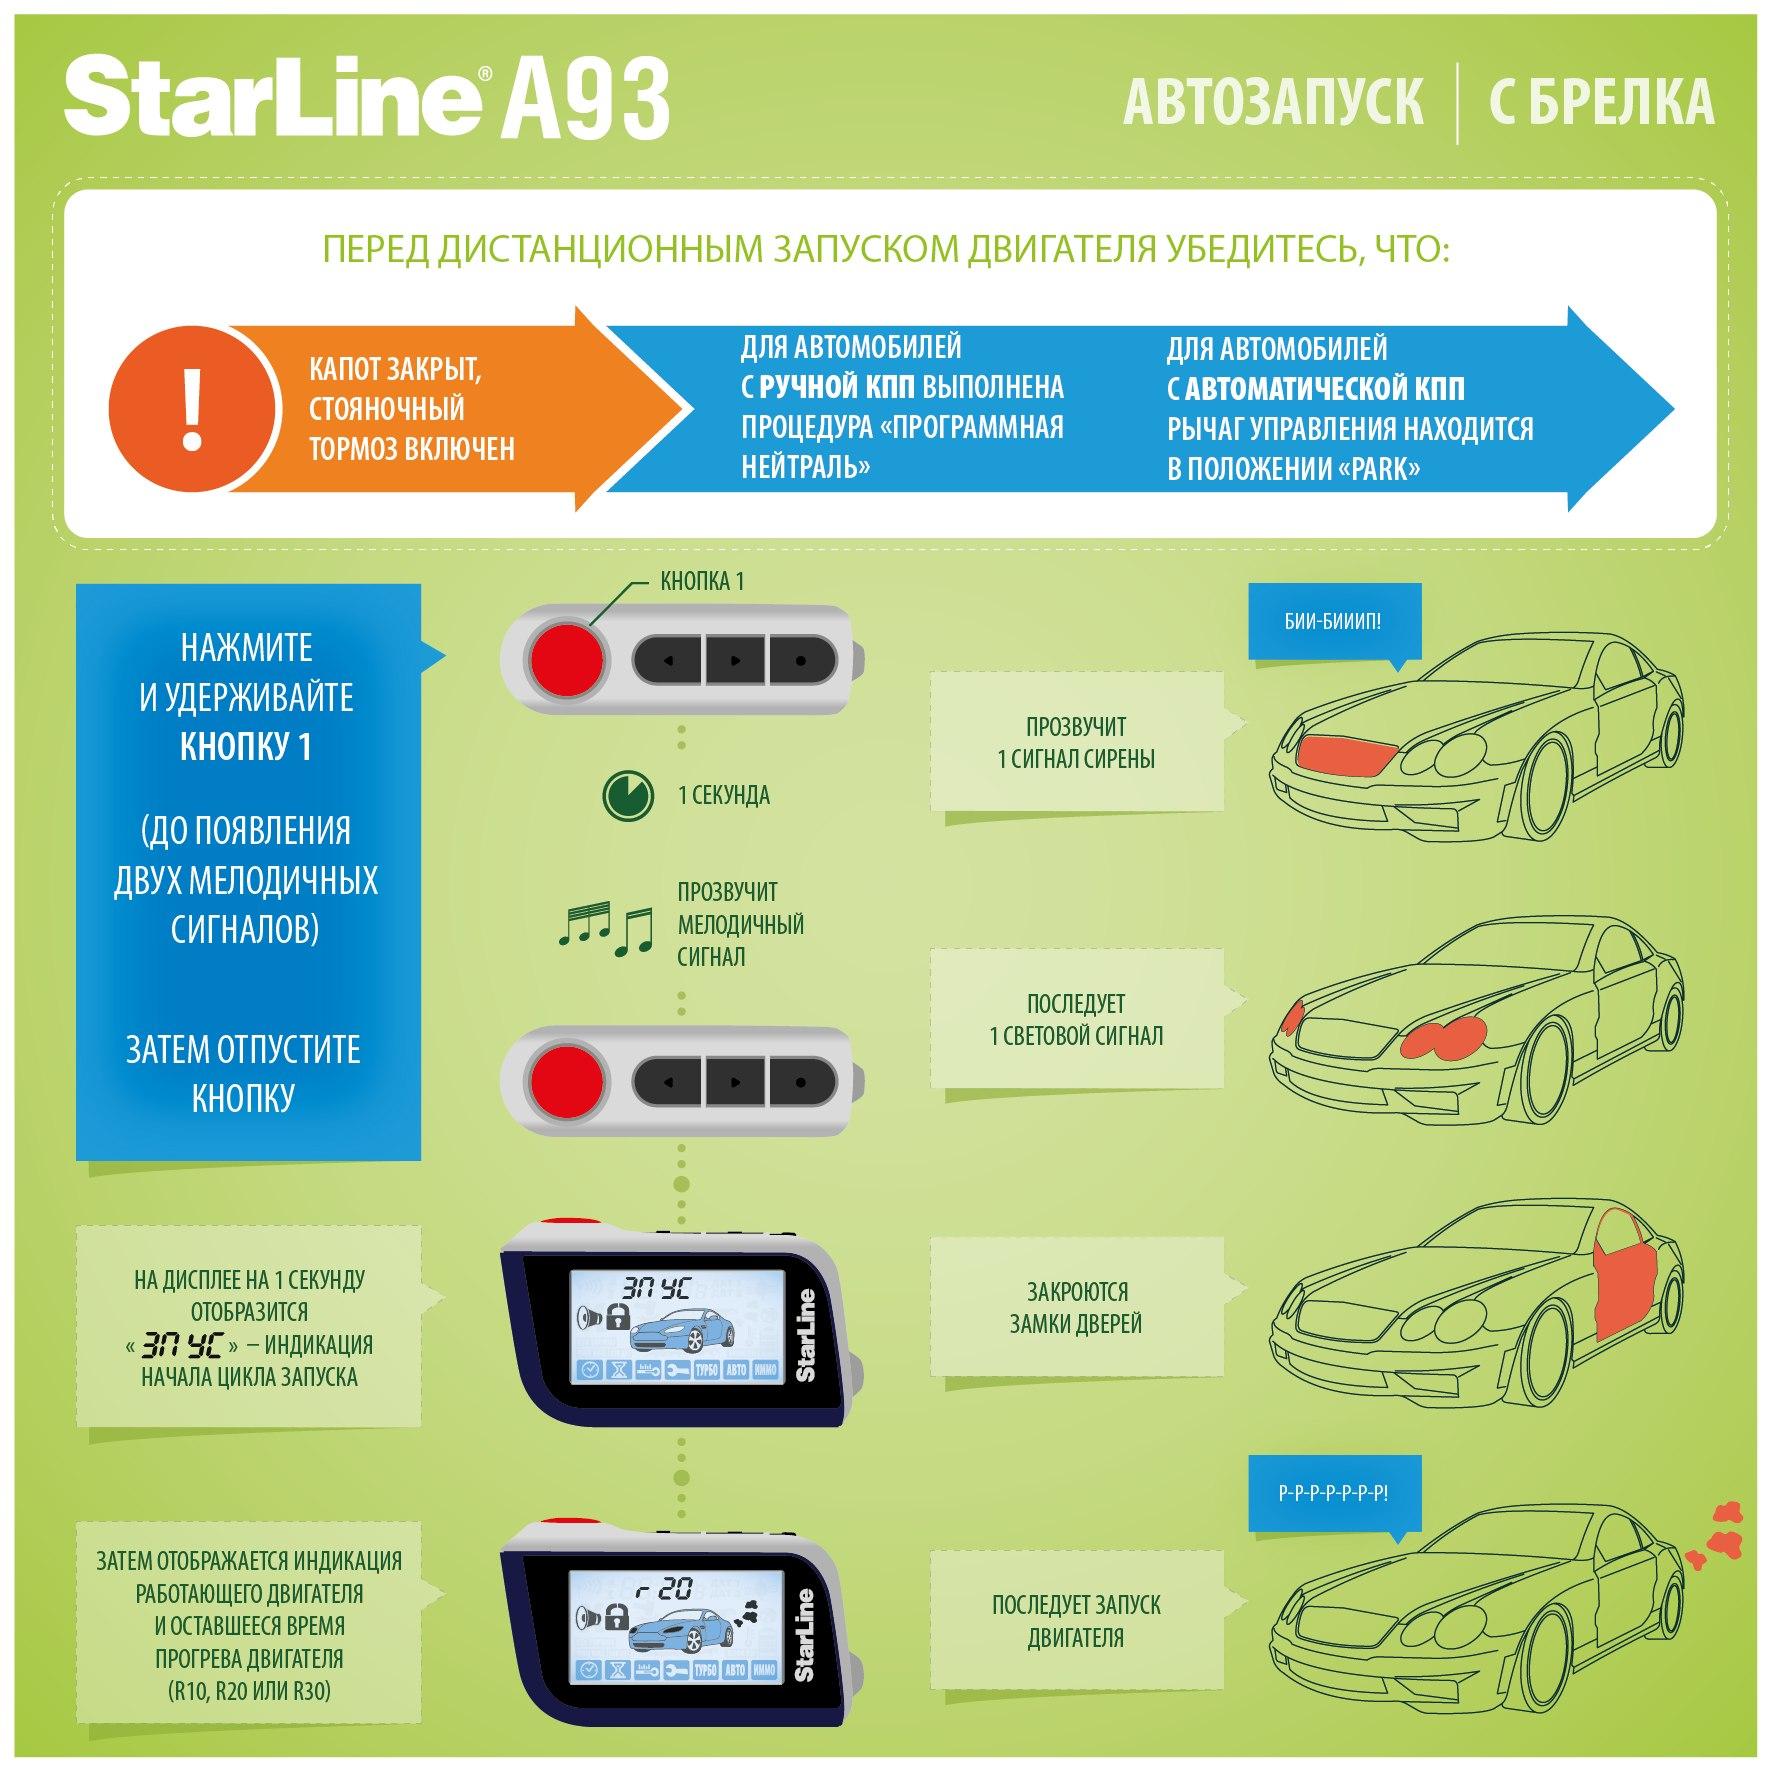 Инструкции по настройке сигнализации starline